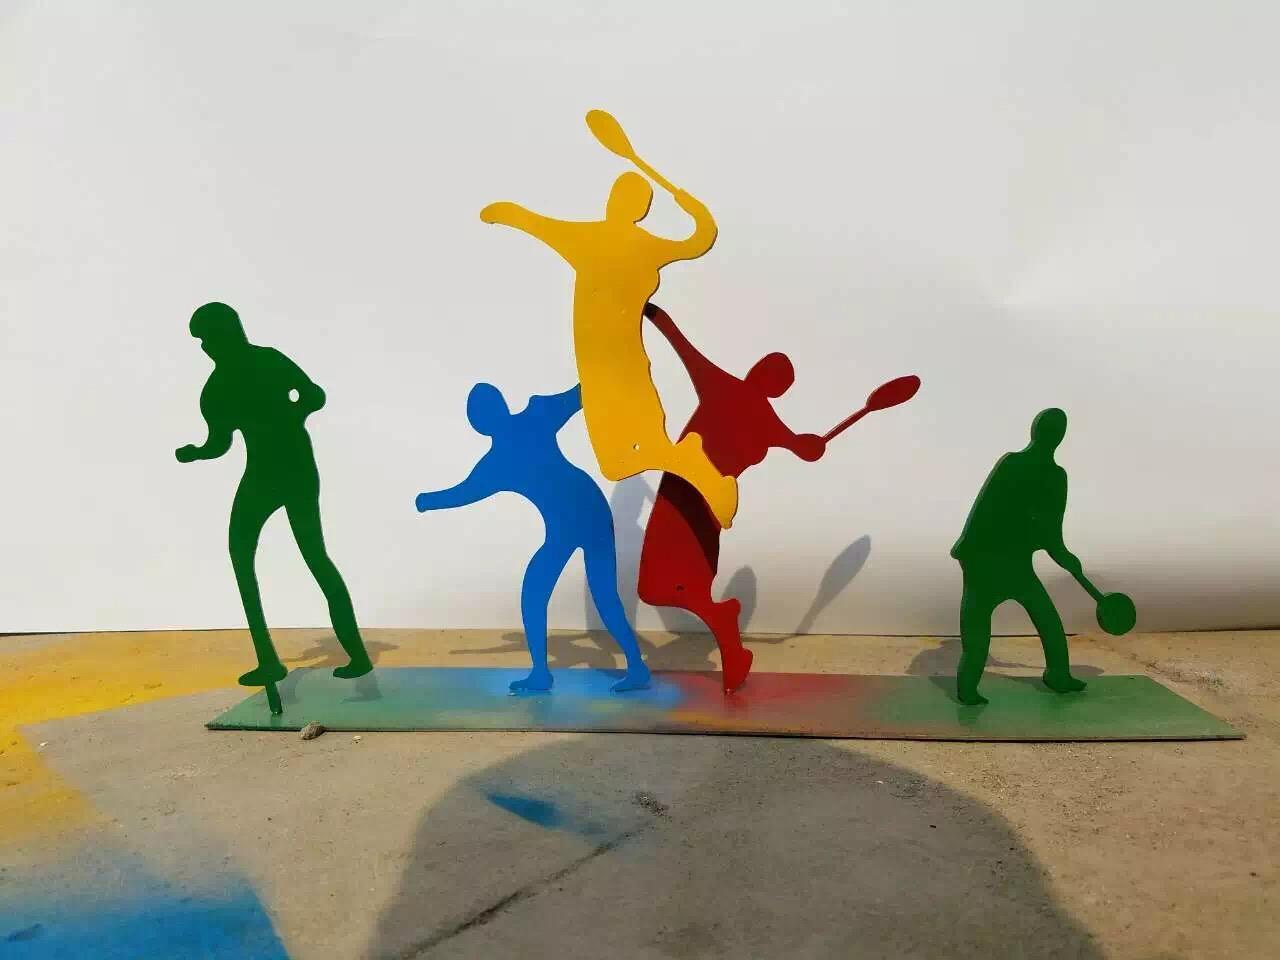 不锈钢打羽毛球雕塑,抽象人物不锈钢雕塑_wps图片